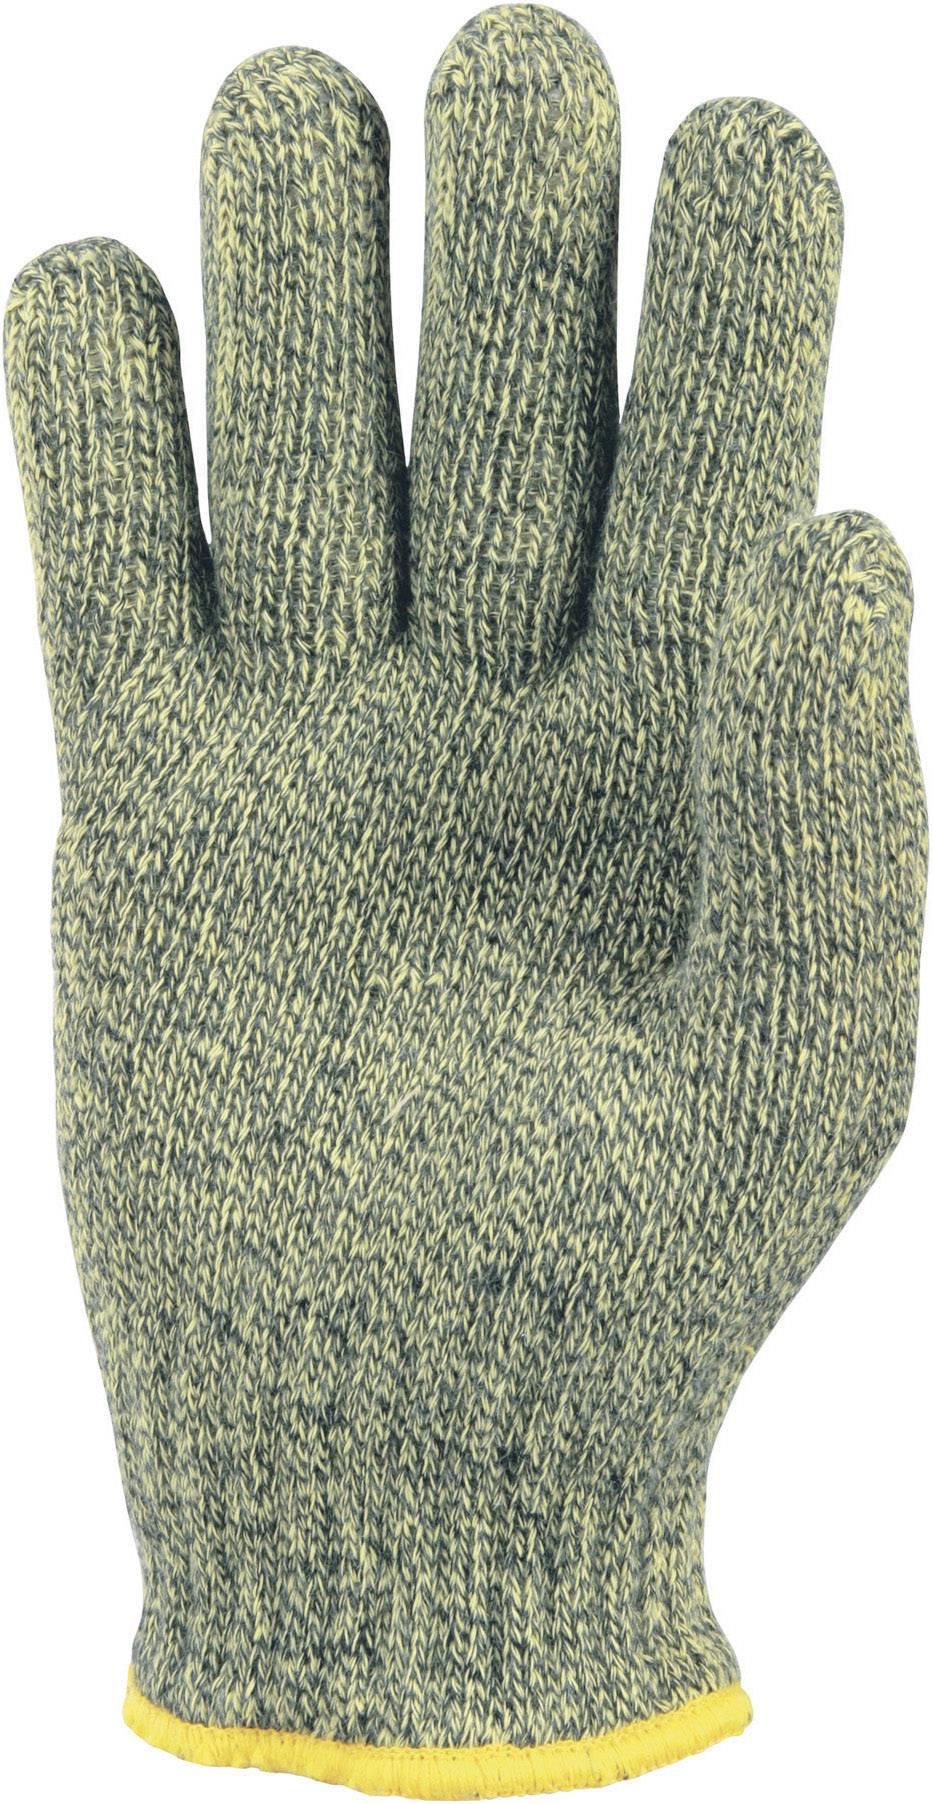 Žiaruvzdorné rukavice KCL 950, Veľkosť 9